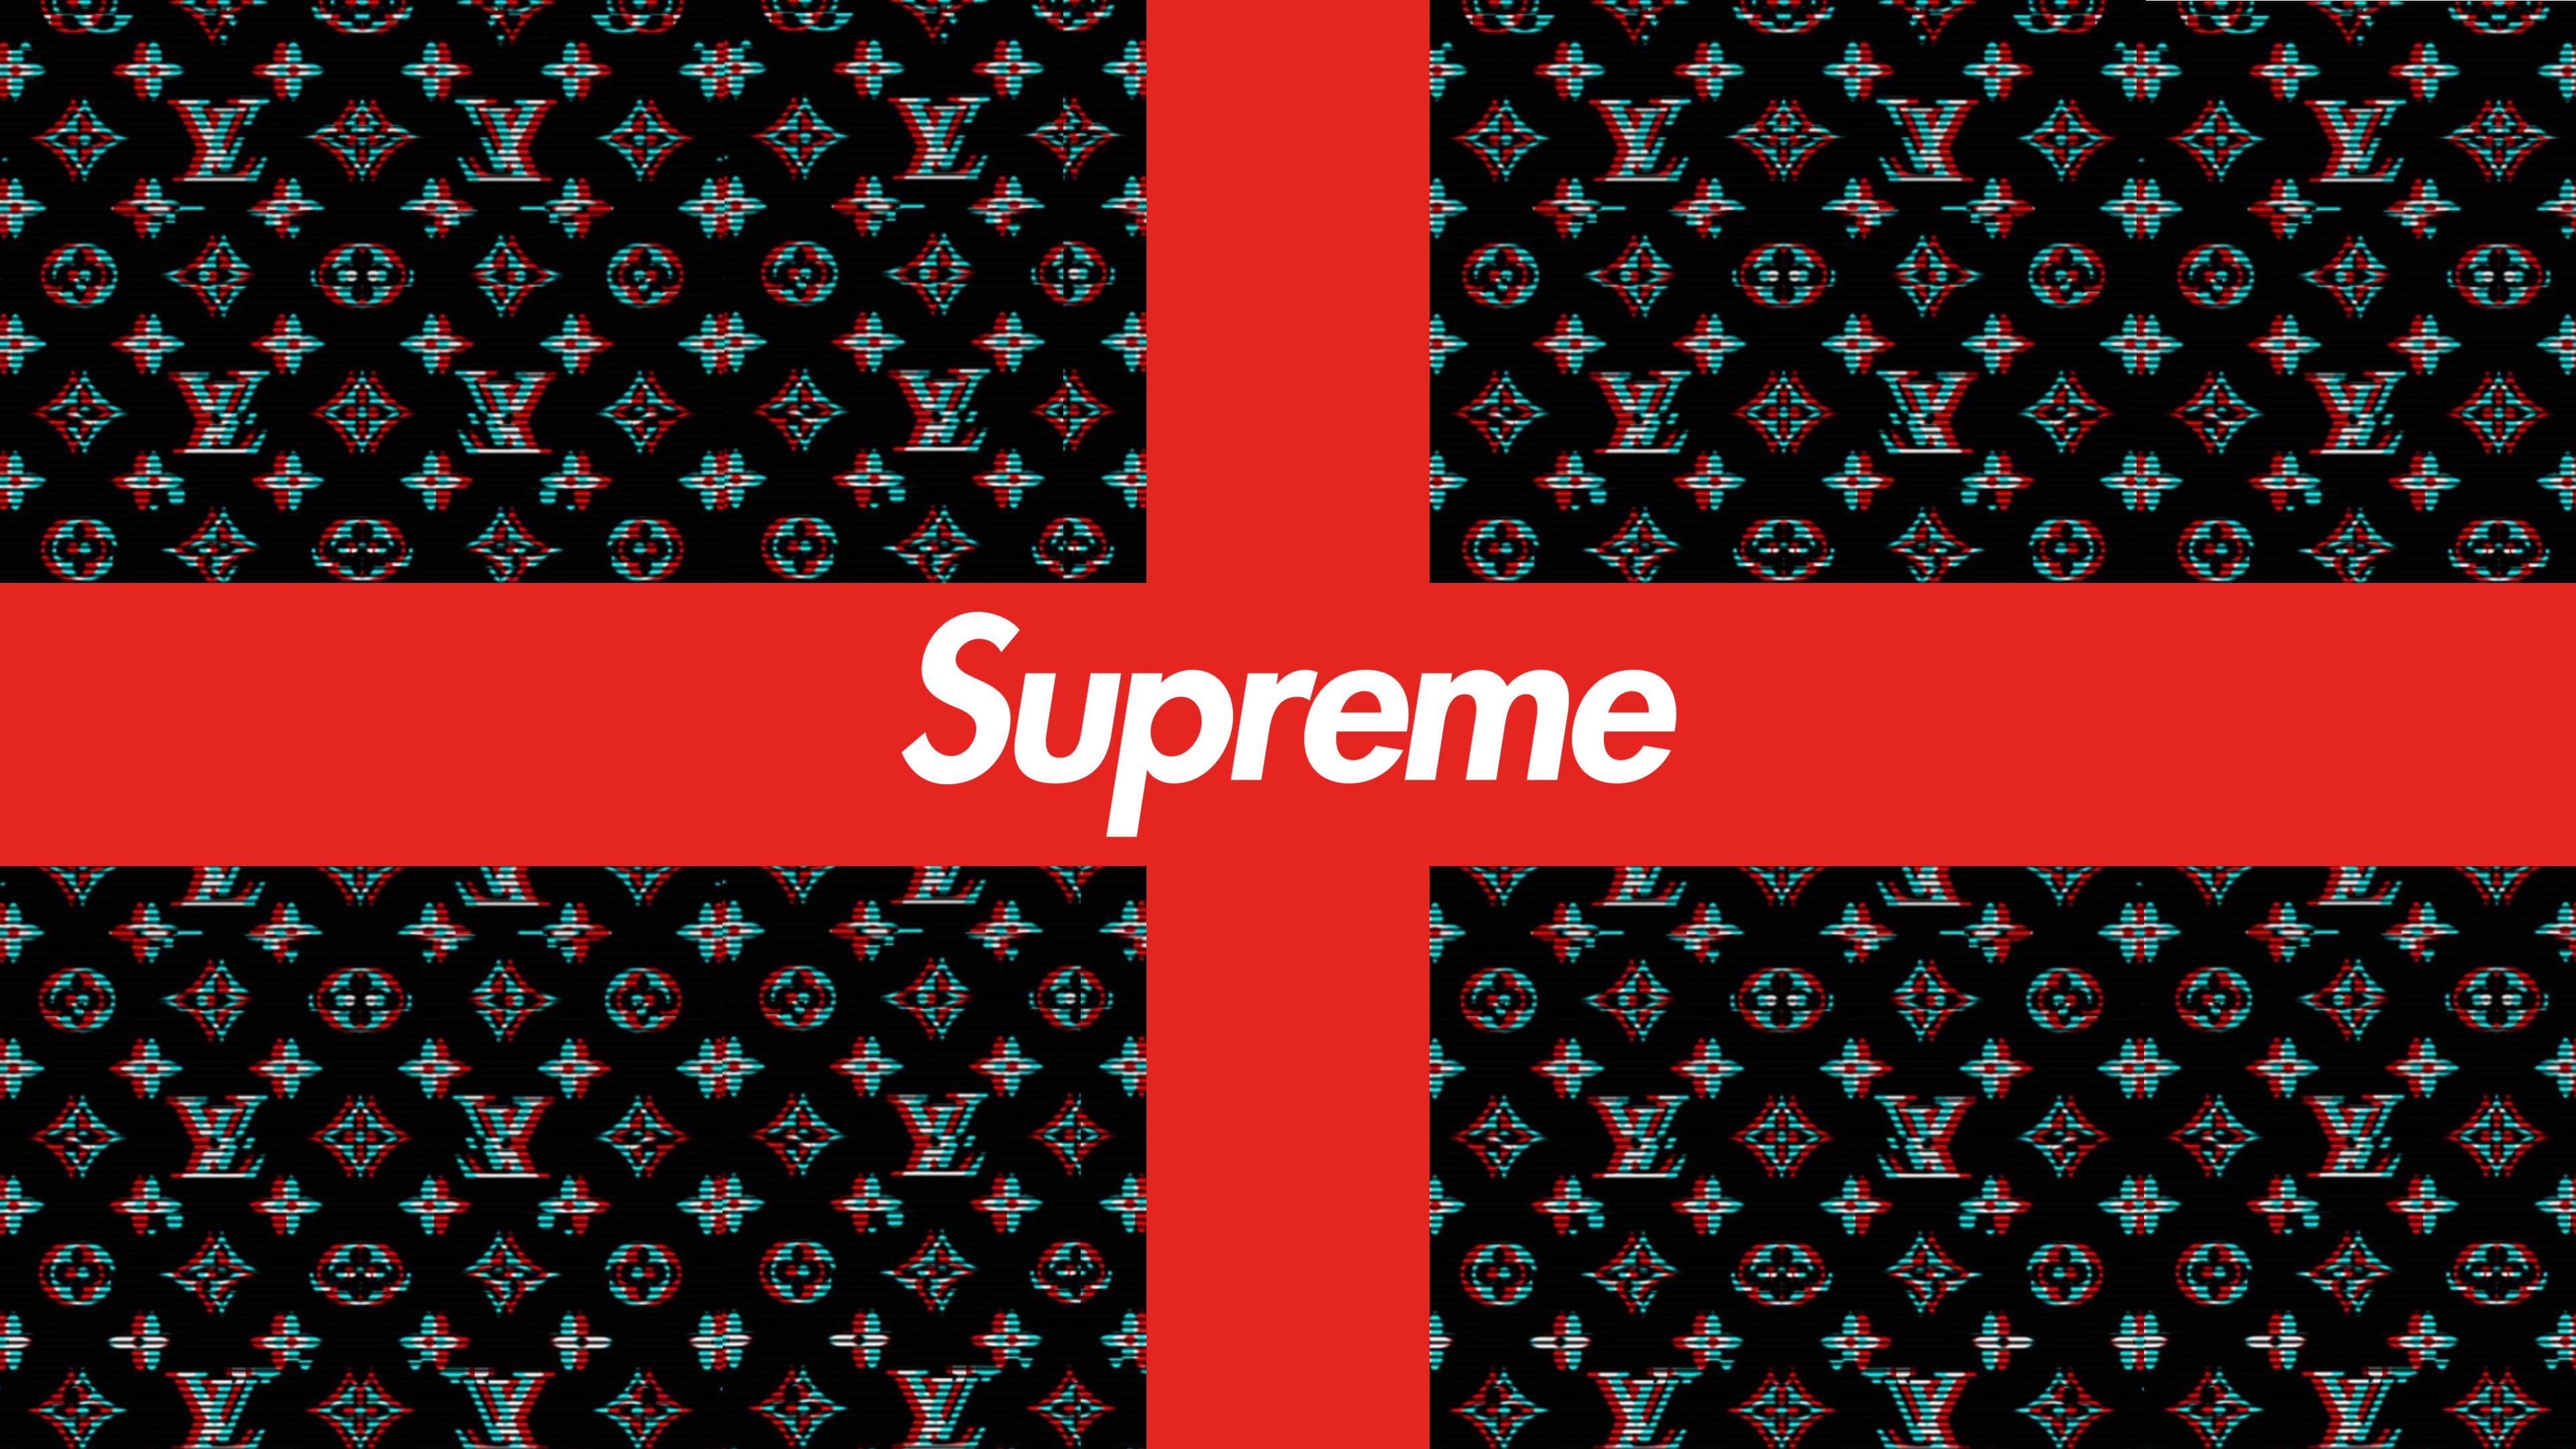 by gxgang instagramcomgxgangig supreme wallpaper 4k   Imgur 3840x2160